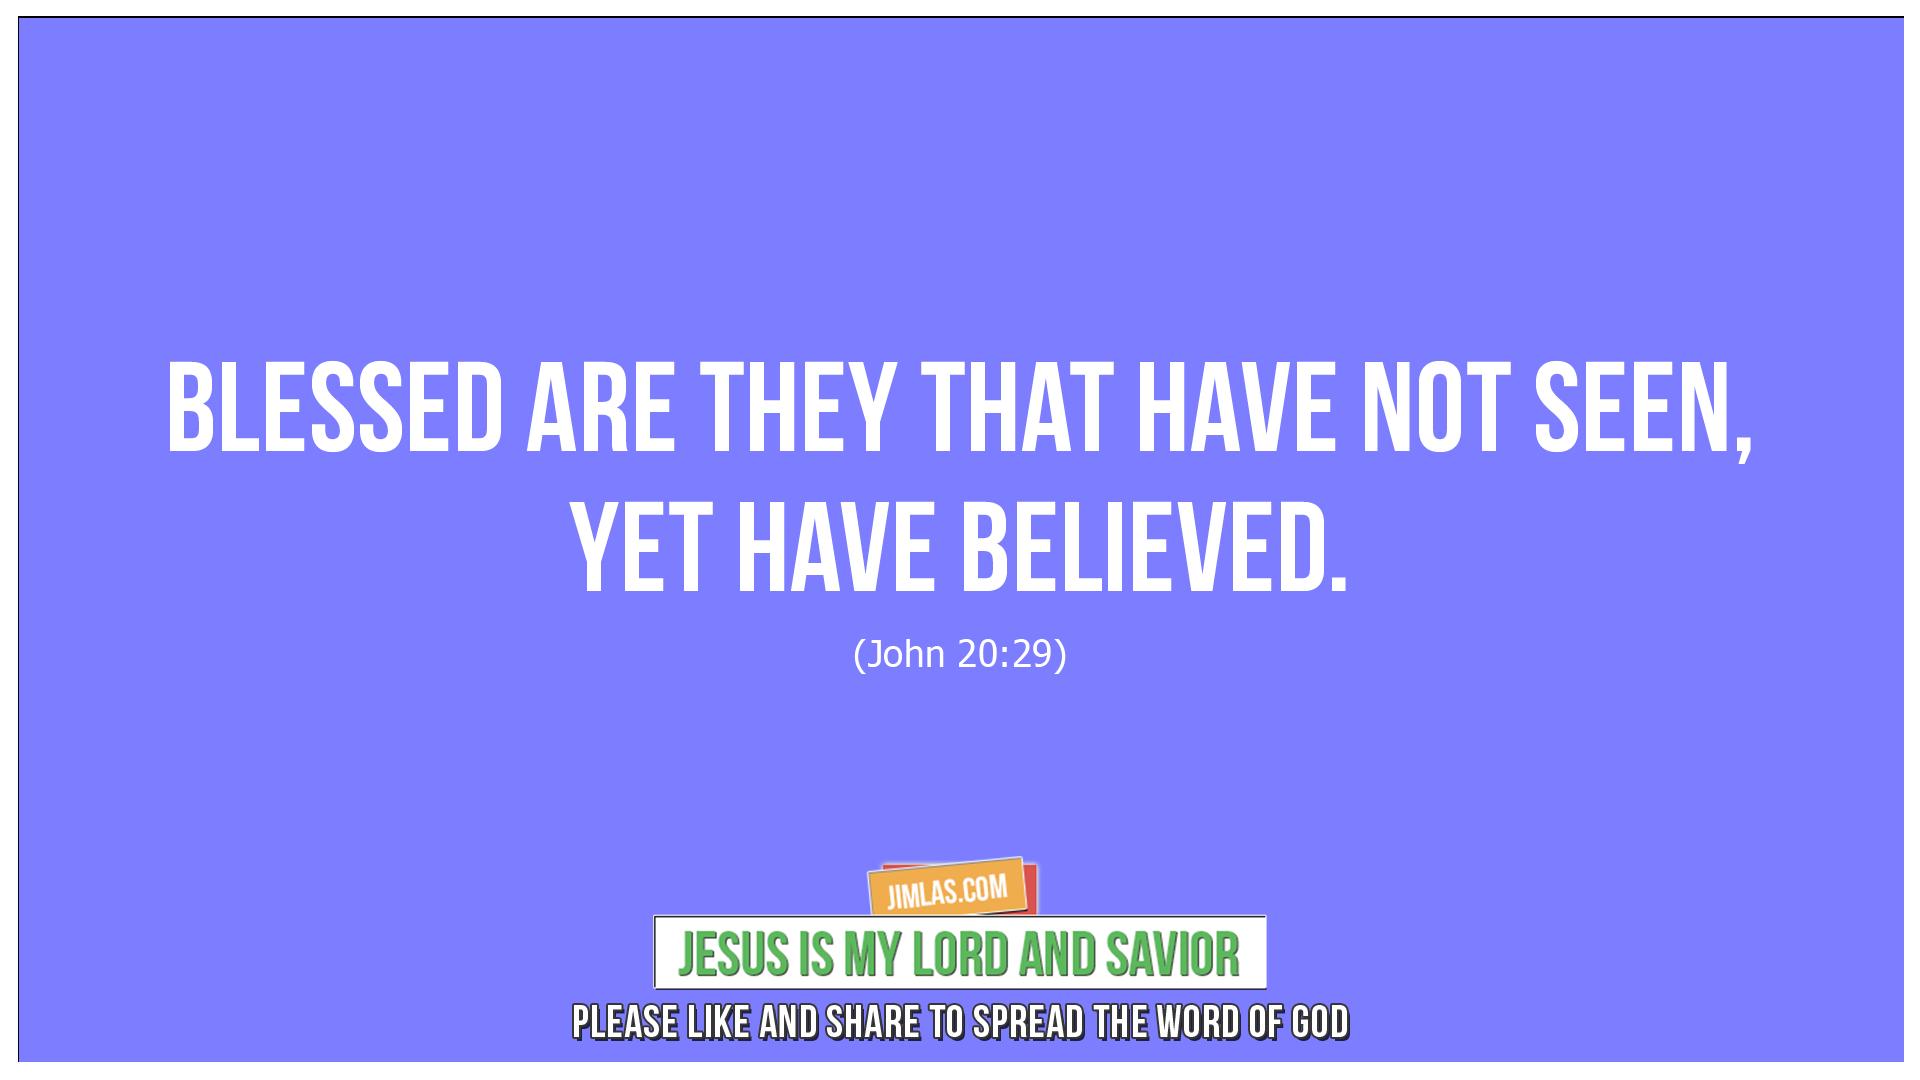 john 20 29, John 20:29